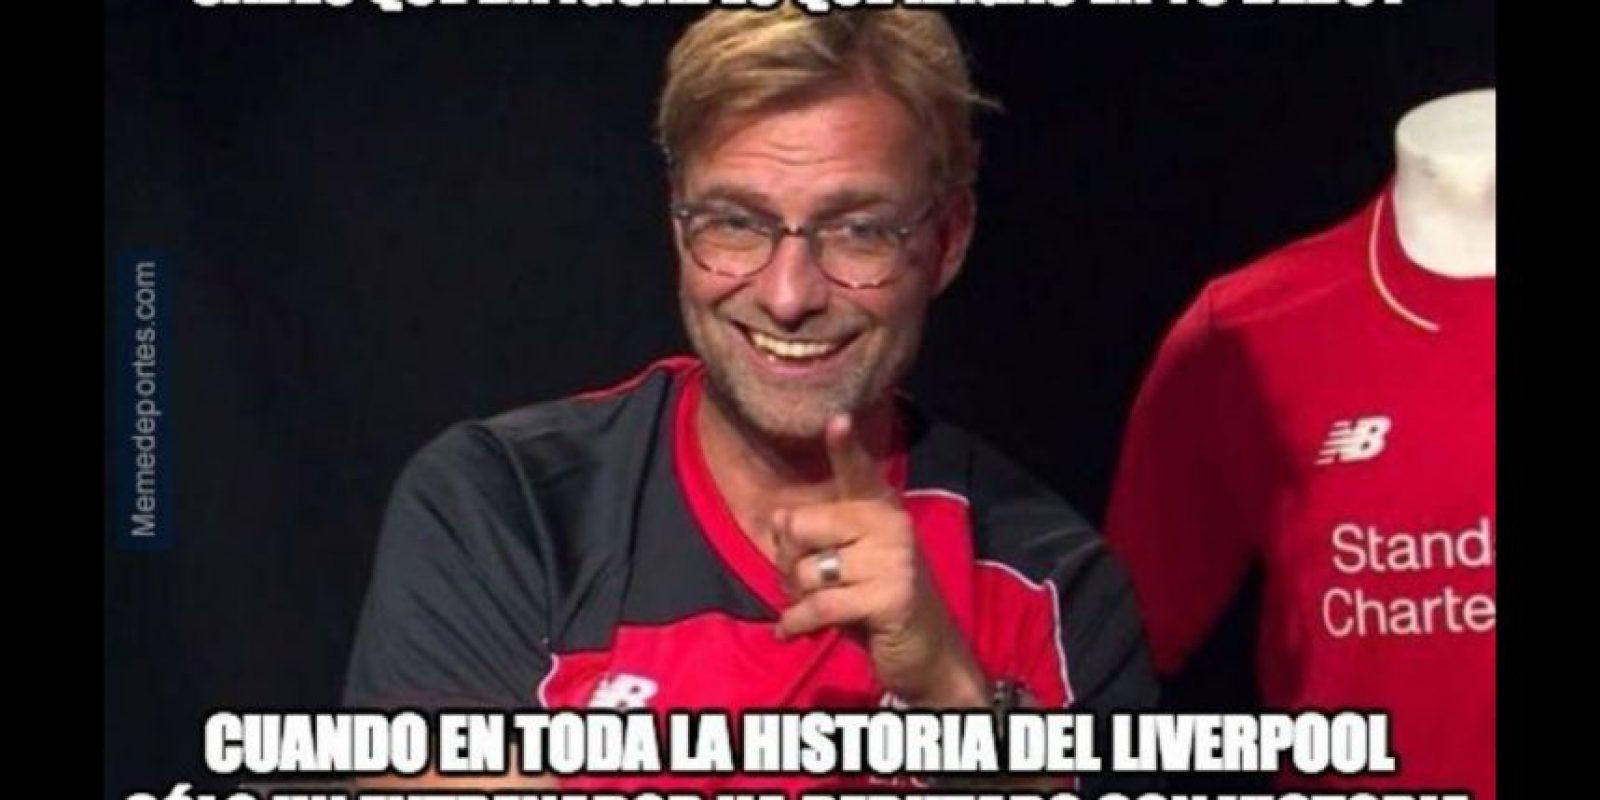 Jurgen Klopp no tuvo el debut soñado y comenzó su era en Liverpool con empate. Foto:memedeportes.com